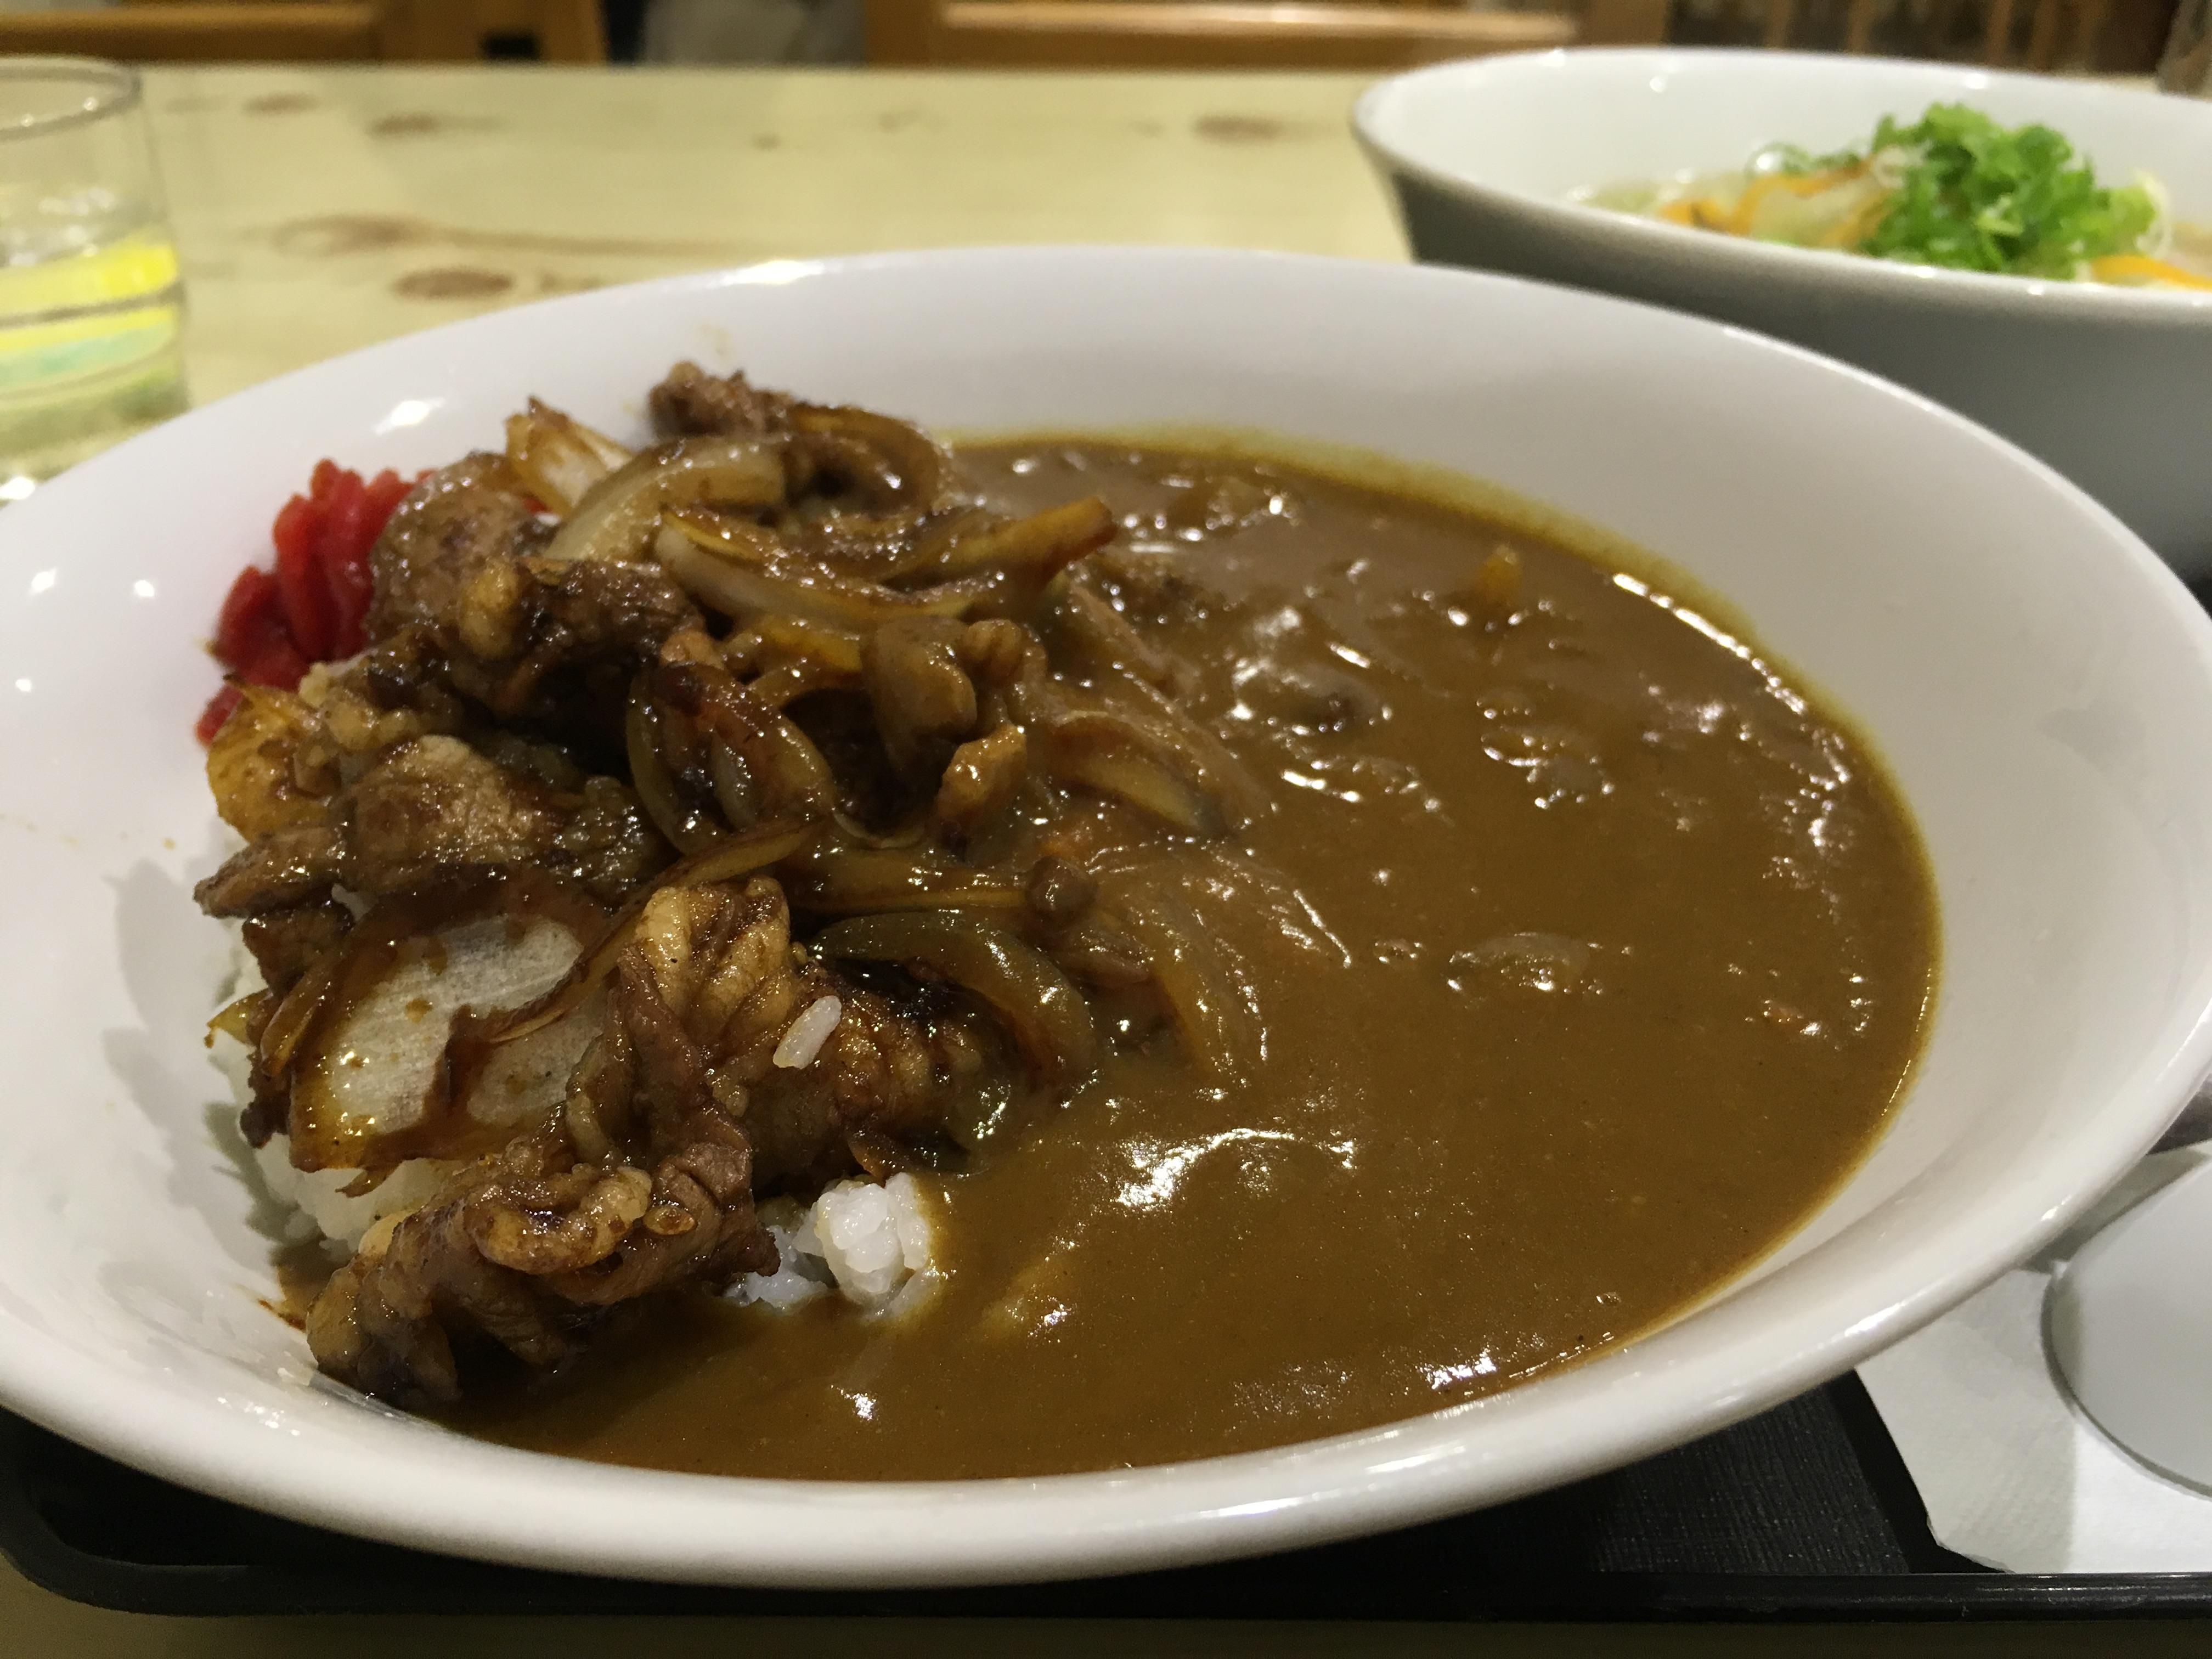 夢の合体が実現!?八幡浜港そばにあるフジ観光の「焼き肉カレー」を食べてきました!